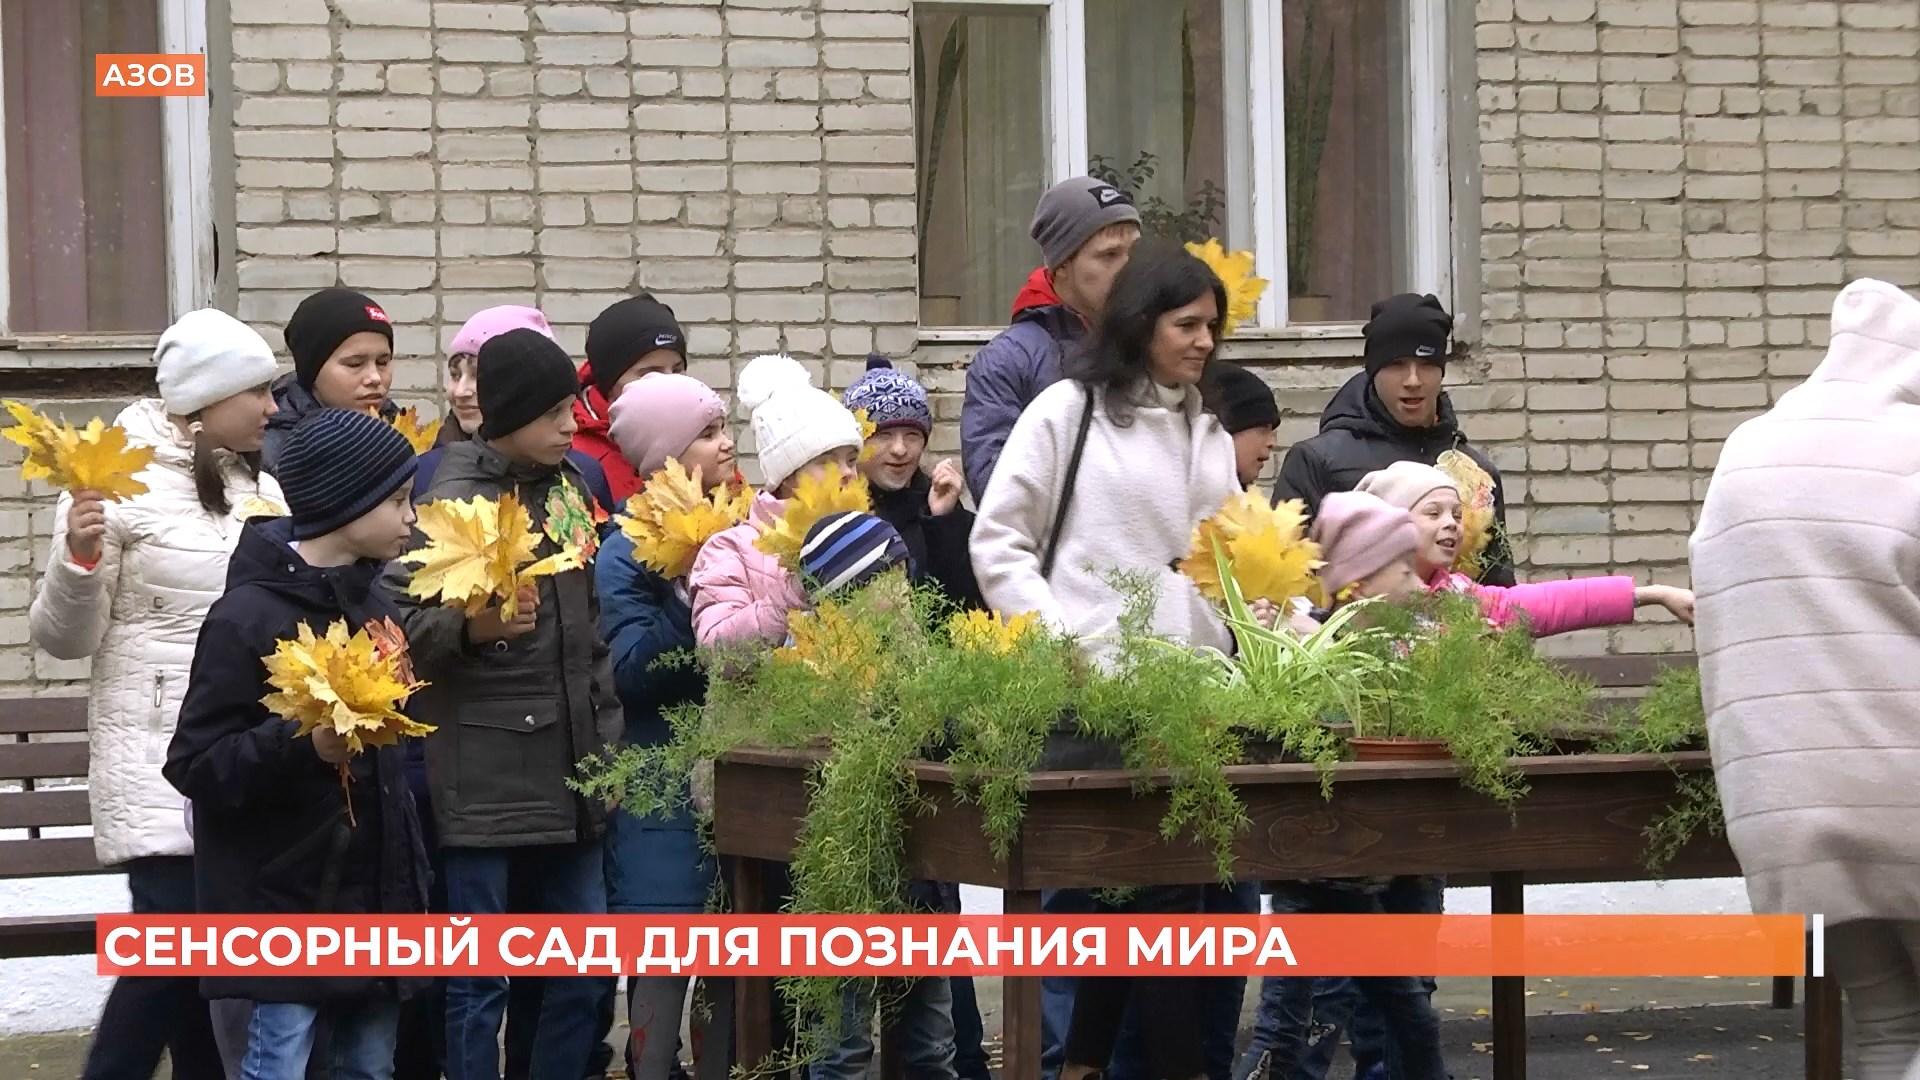 Сенсорный сад для особенных детей открыли в Азове